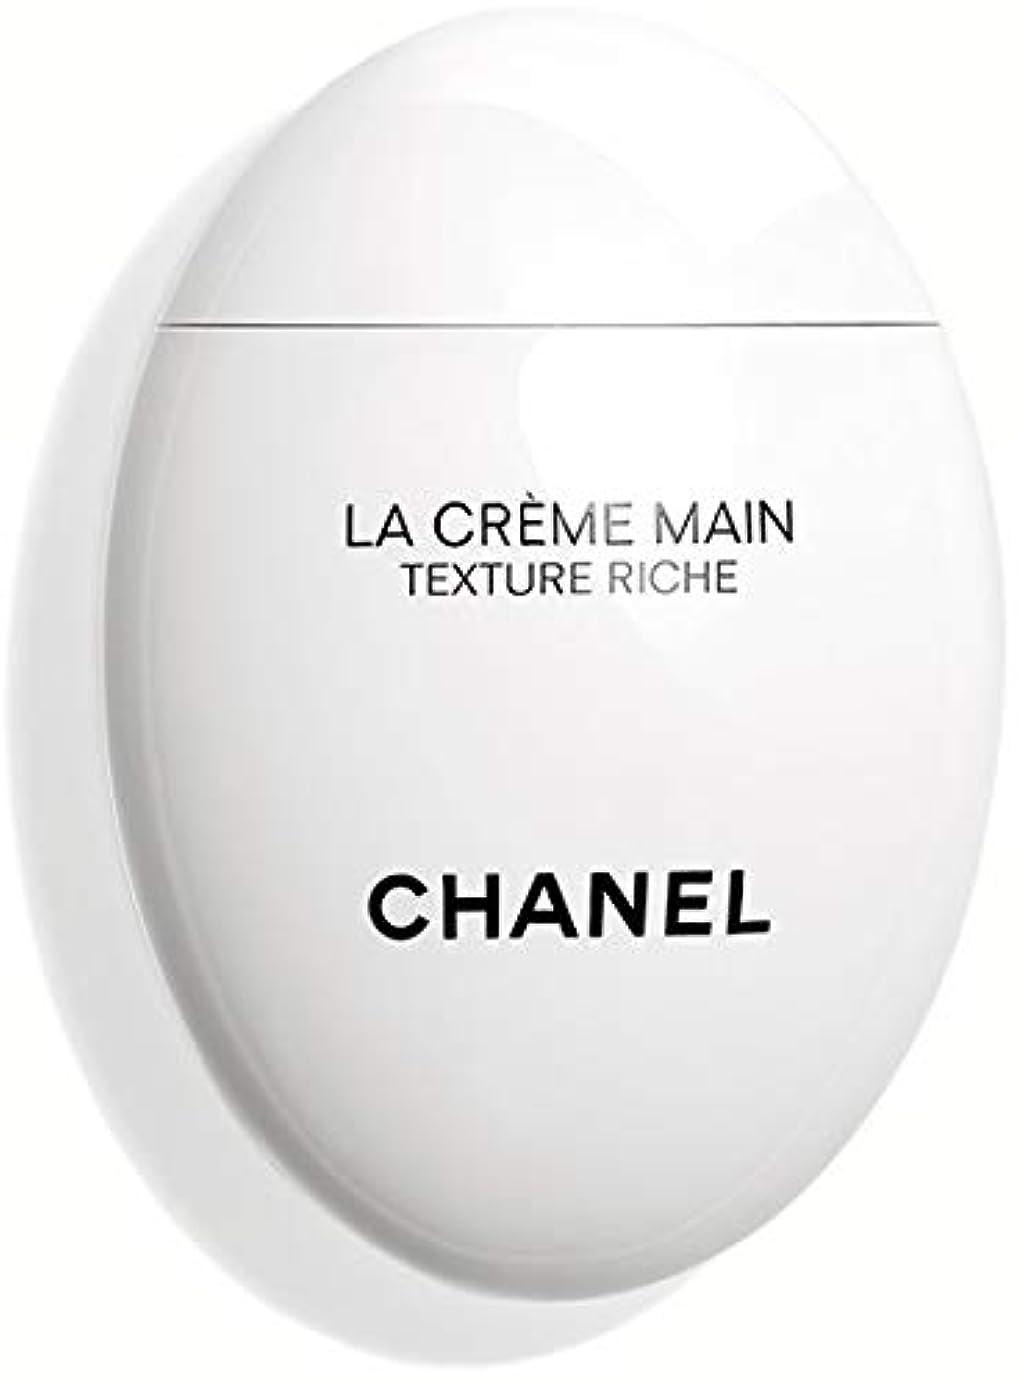 以内に財産振るうCHANEL LA CREME MAIN TEXTURE RICHE シャネル ラ クレーム マン リッシュ ハンドクリーム (リッチ)50ml オリジナルラッピング&ショップバッグ